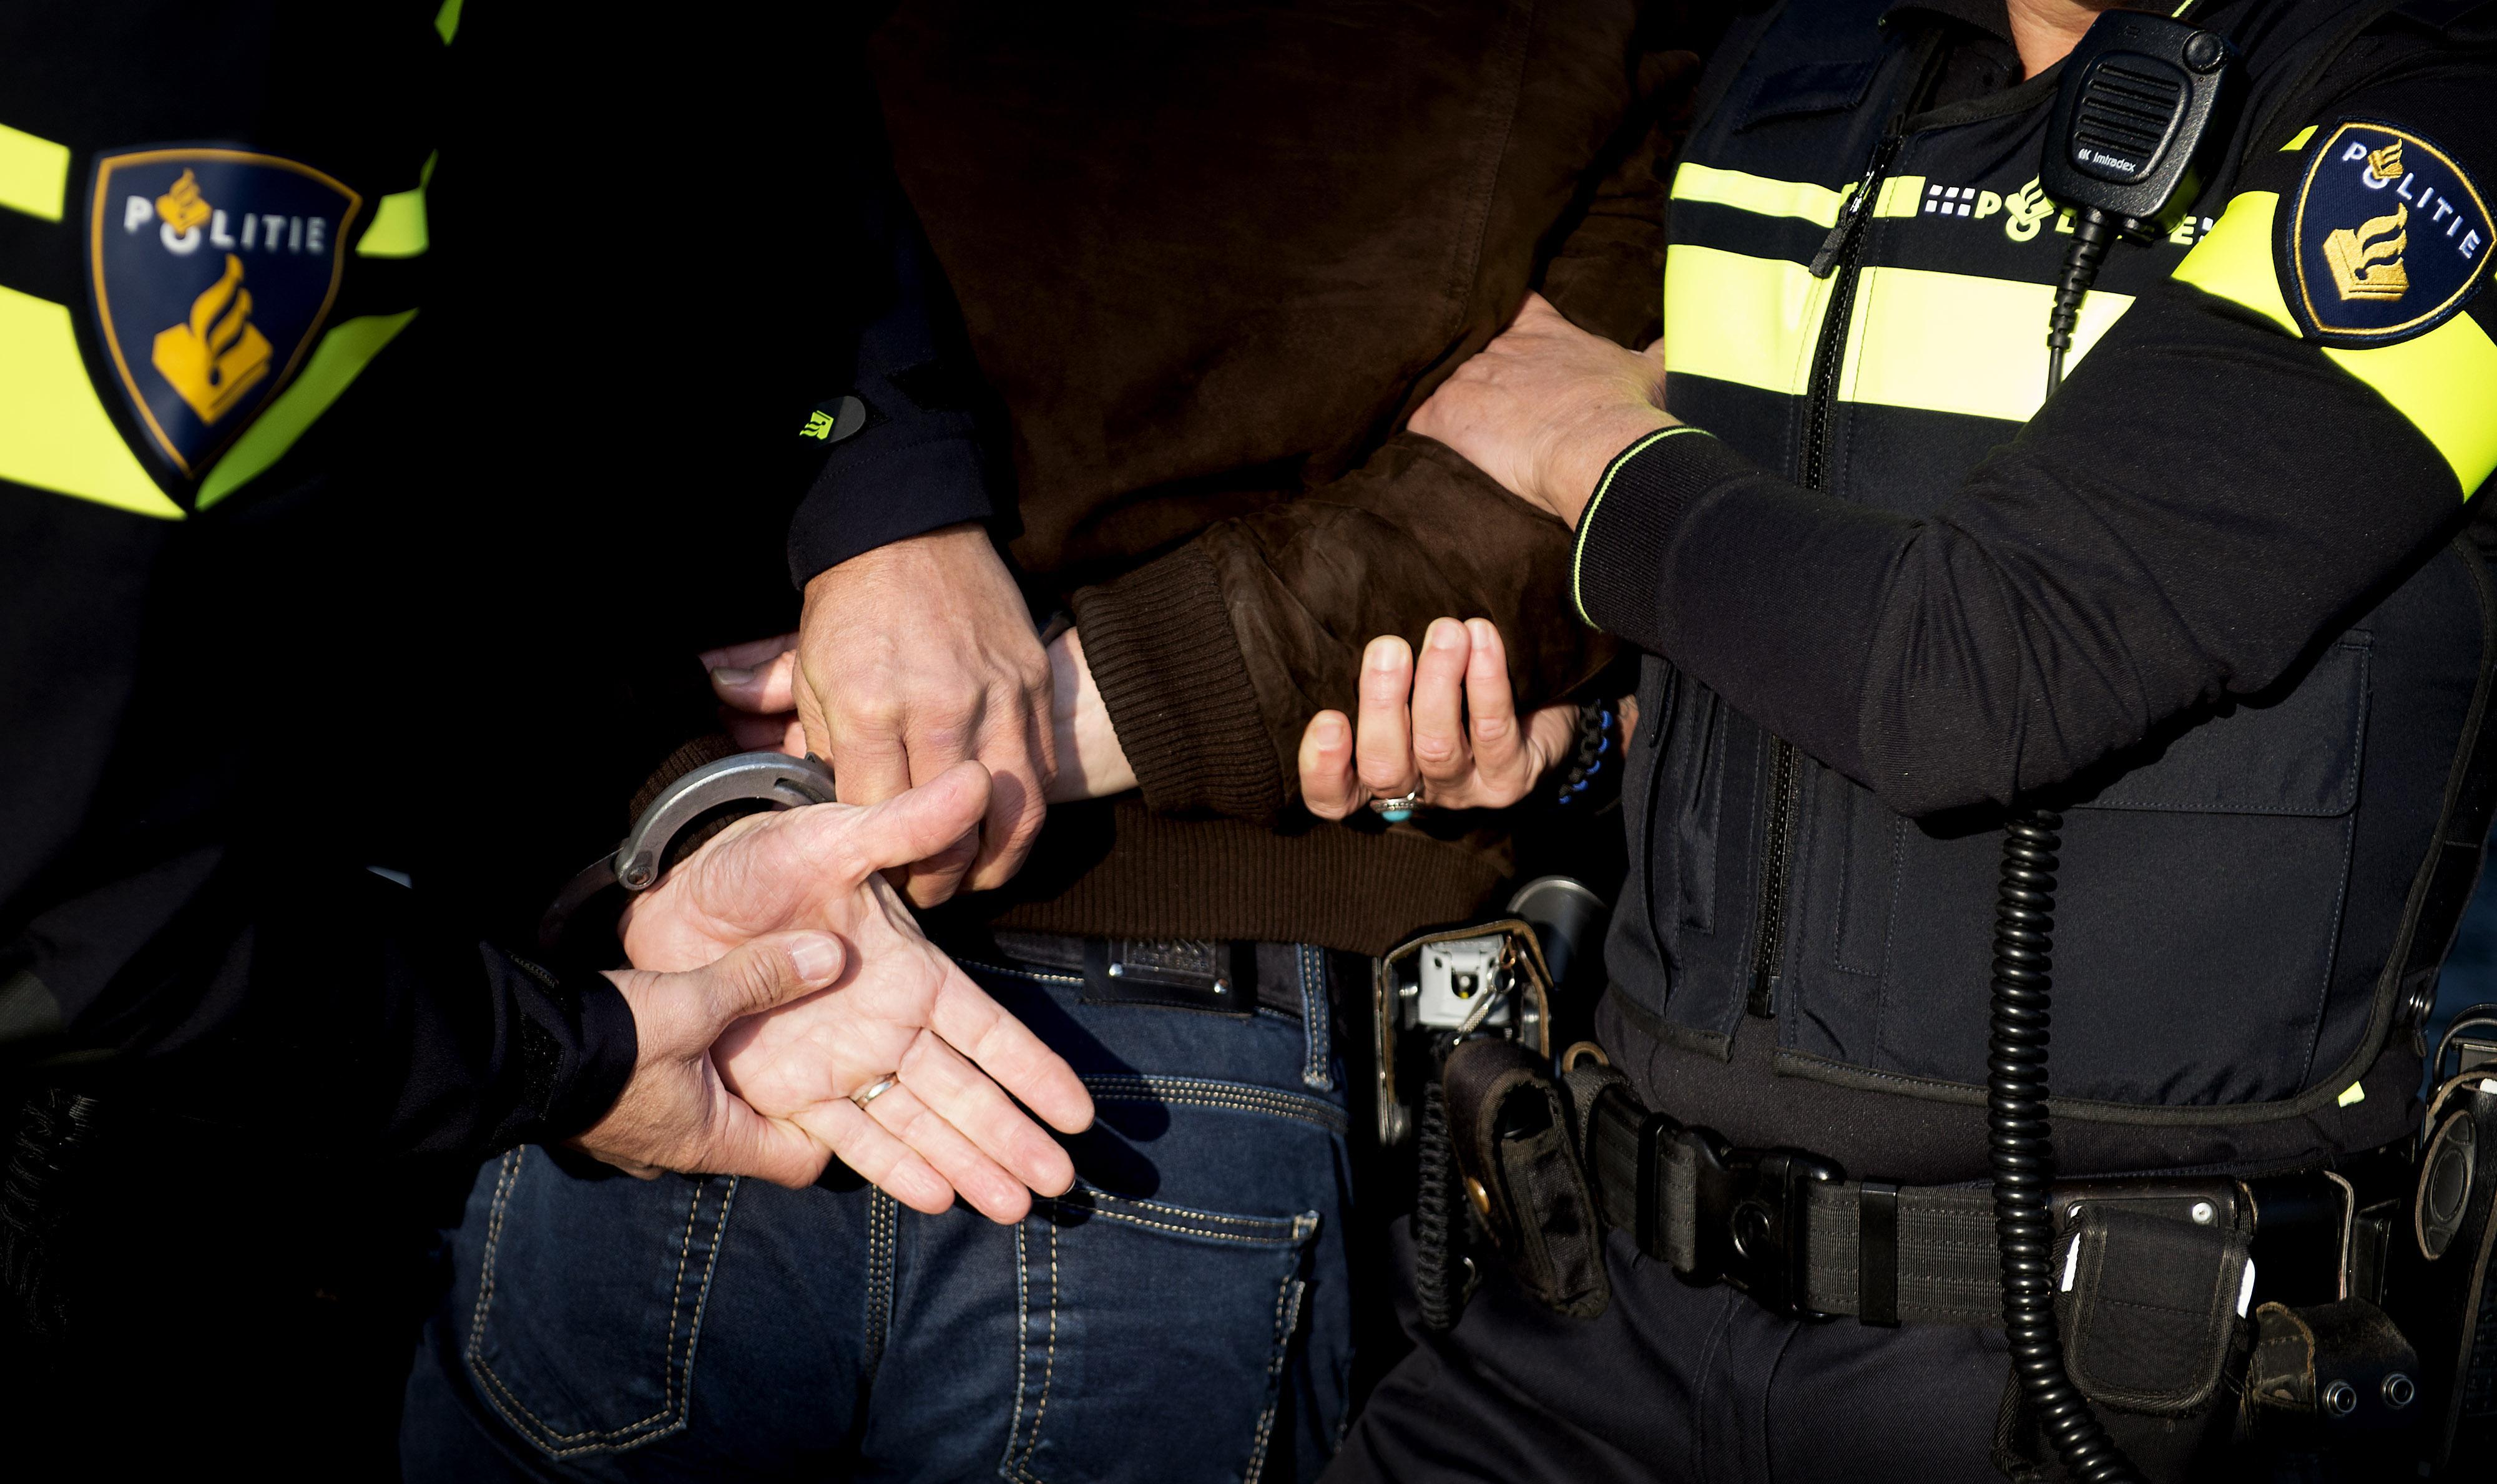 Bewoner mishandeld door overvallers in Lutjebroek, verdachten opgepakt